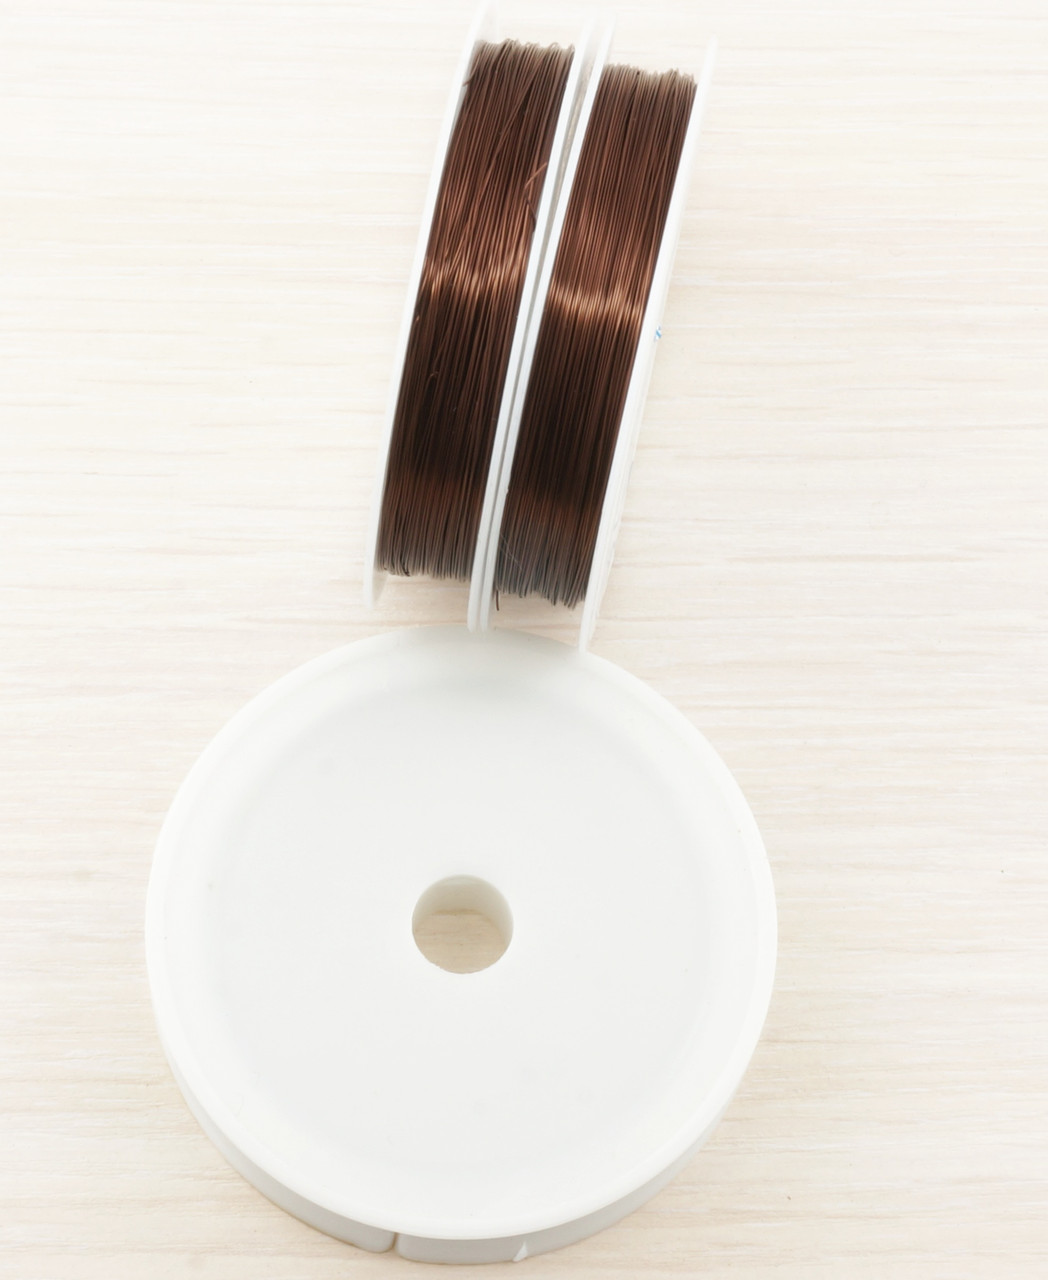 Проволока 0,3 мм - 26 м коричневая - магазин-студия Цацки в Чернигове